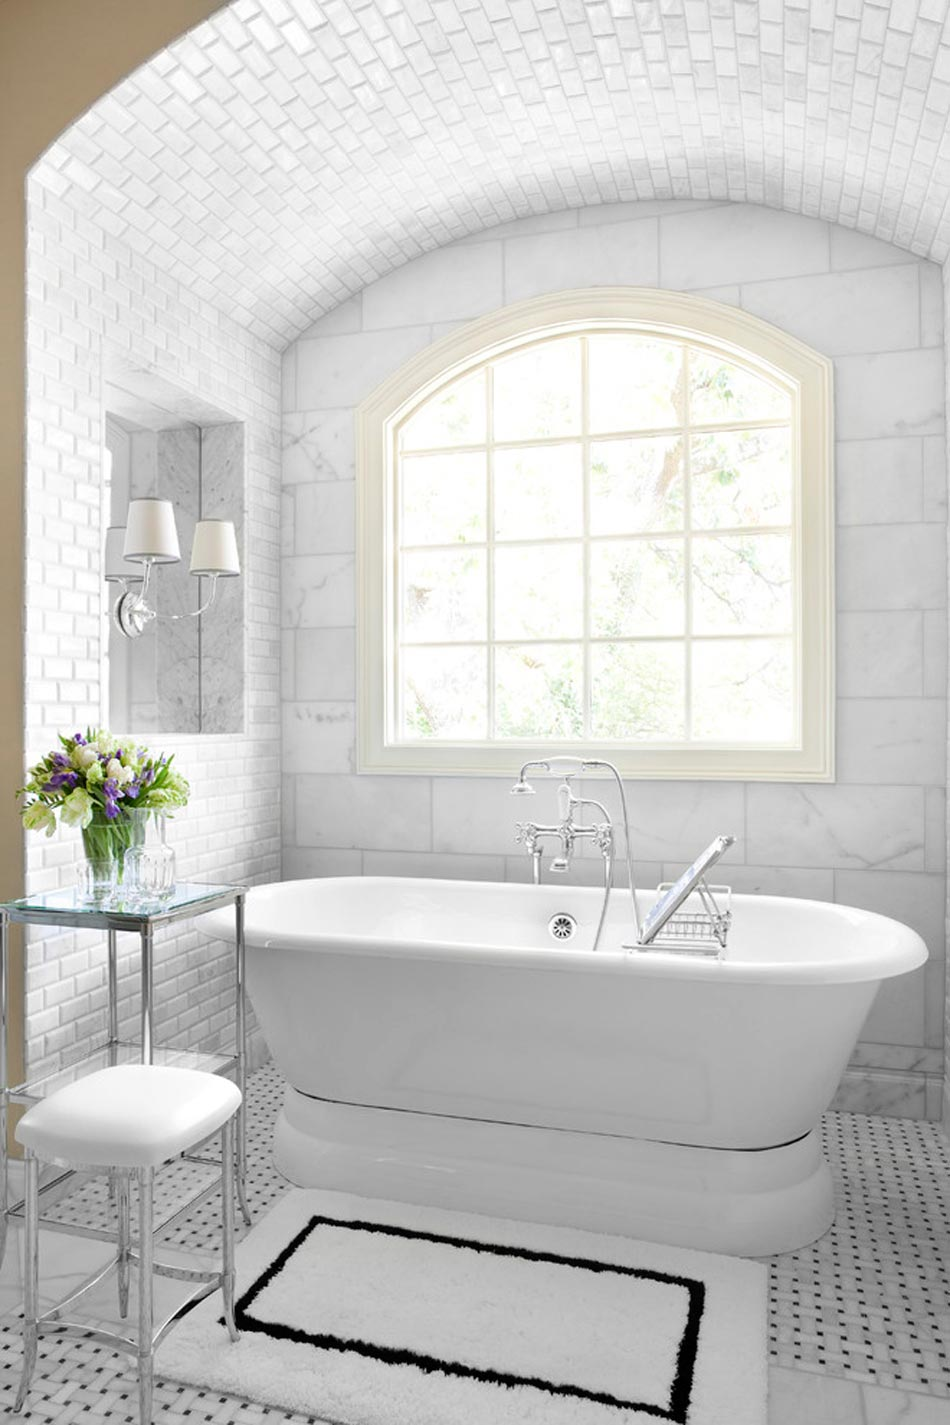 Electricite Salle De Bain Securite ~ salle de bain marbre blanc pour afficher une classe intemporelle